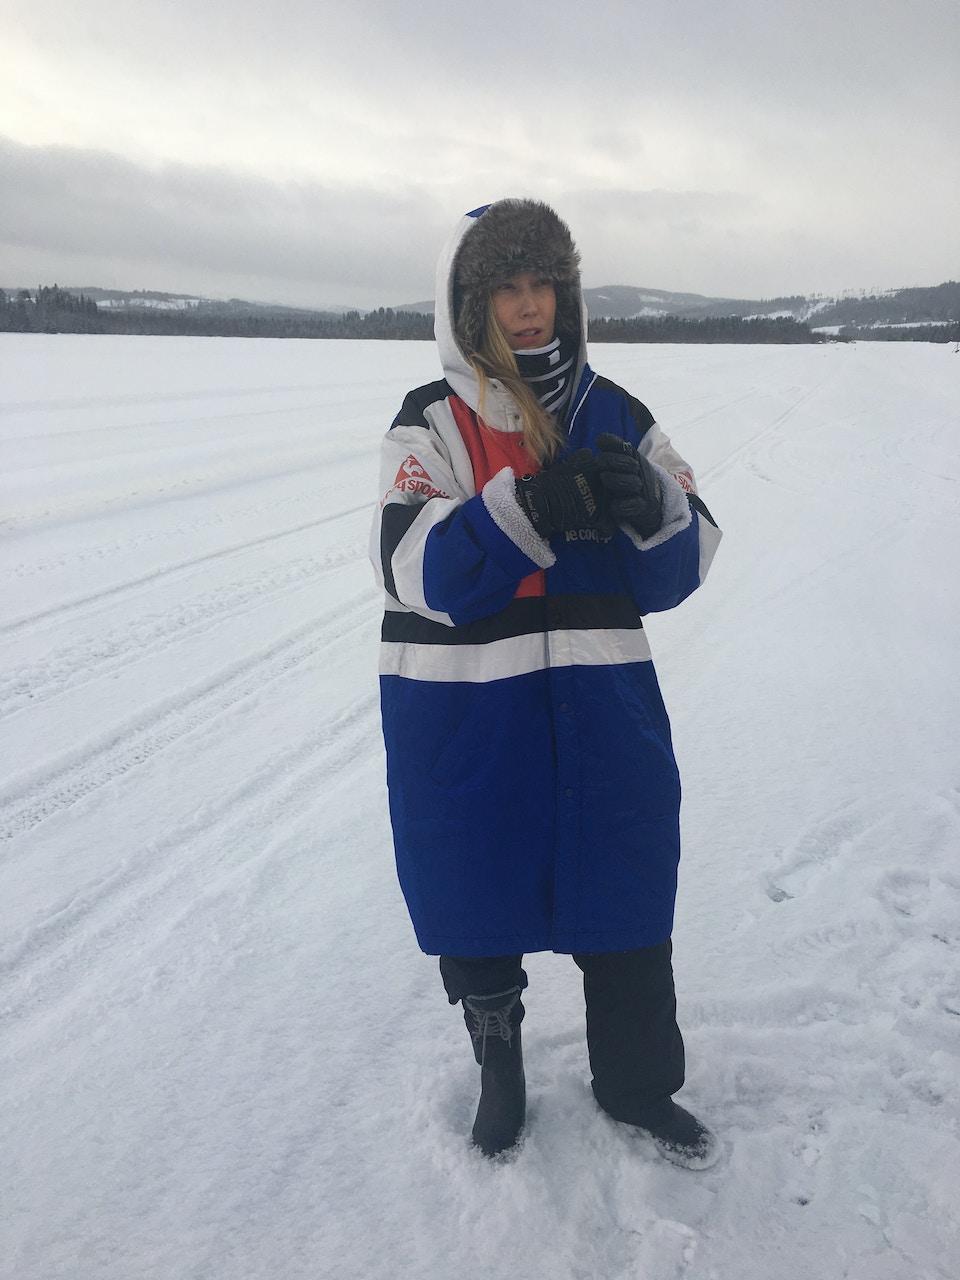 Trentemøller 'River In Me' director Åsa Riton braving it on set in Åre